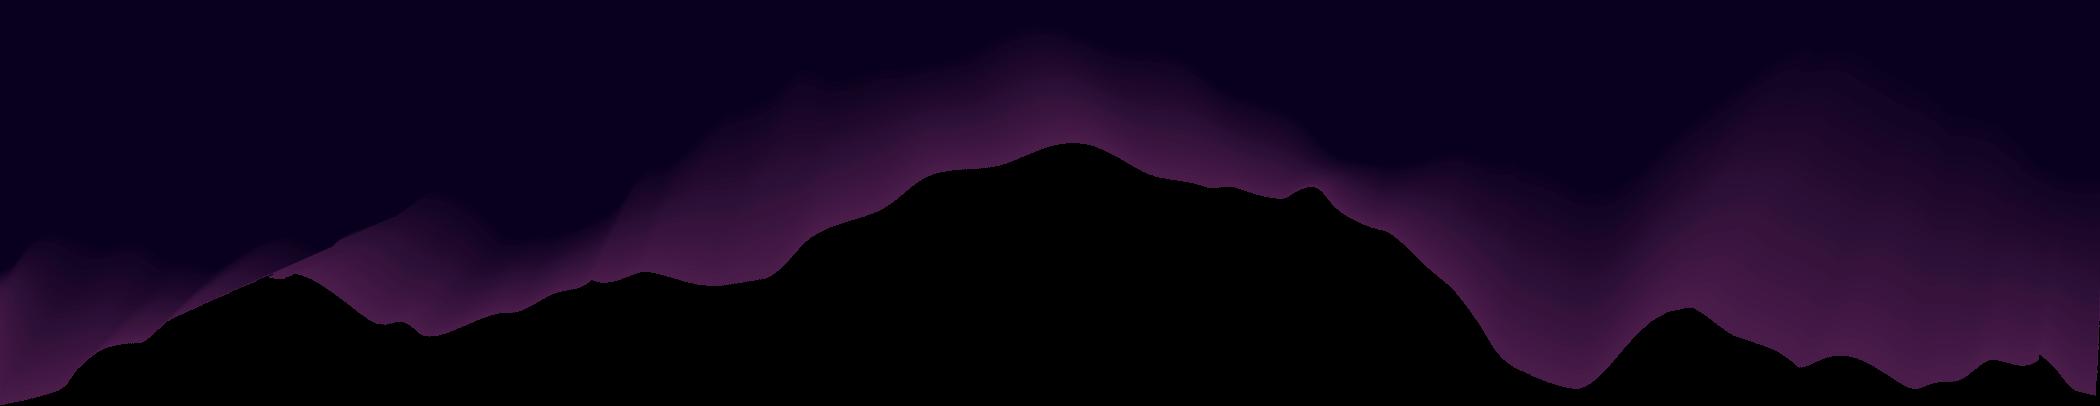 http://www.professeur-stapha.fr/wp-content/uploads/2018/05/dark_purple_bottom_divider.png